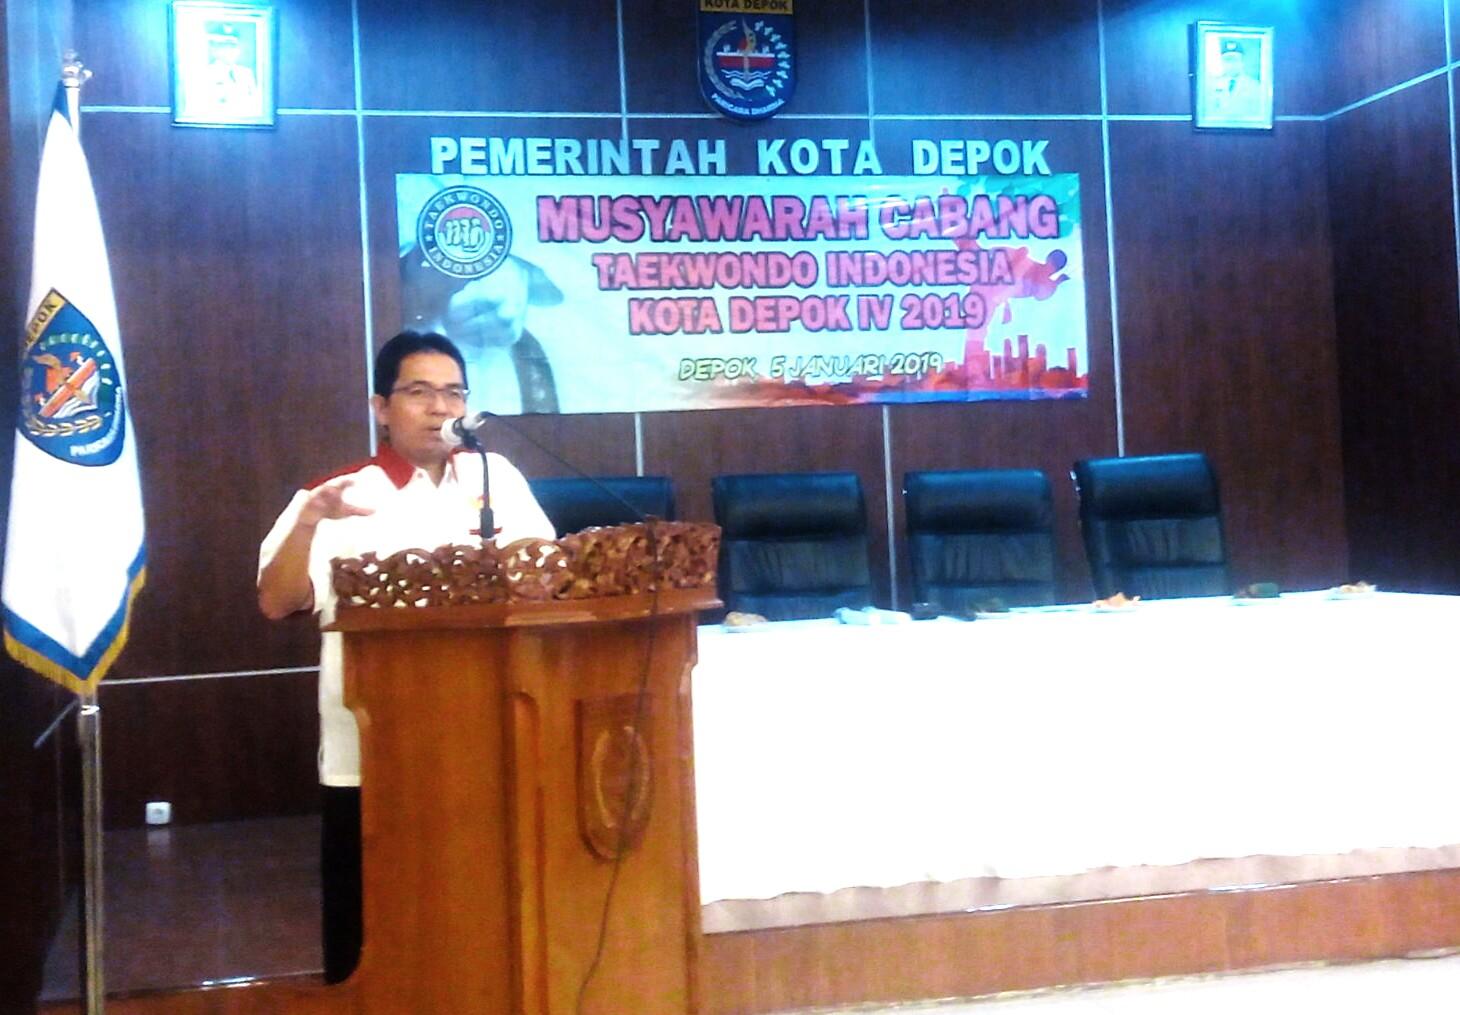 Drs. Amri Yusra, M.Si Ketua Koni Kota Depok sedang memberikan  sambutan di acara Muscab TI ke 4 di Ruang teratai gedung Walikota Depok.